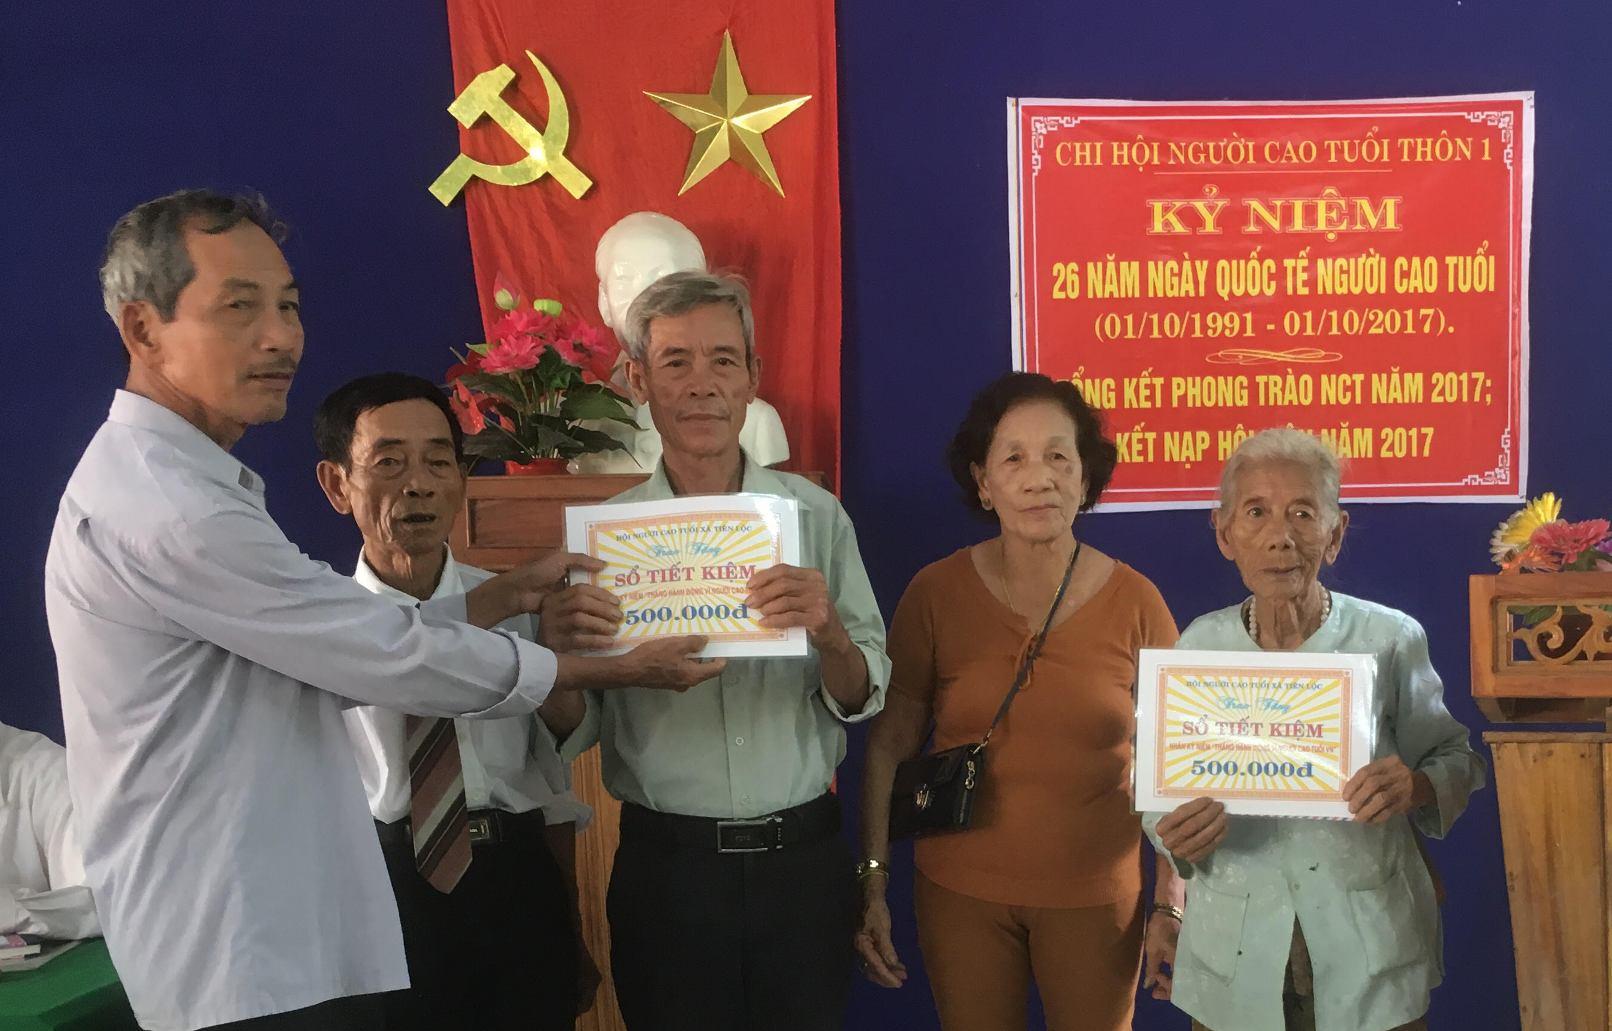 Chi hội Người cao tuổi thôn 1, xã Tiên Lộc trao sổ tiết kiệm cho những hội viên có hoàn cảnh khó khăn. Ảnh PHAN VINH